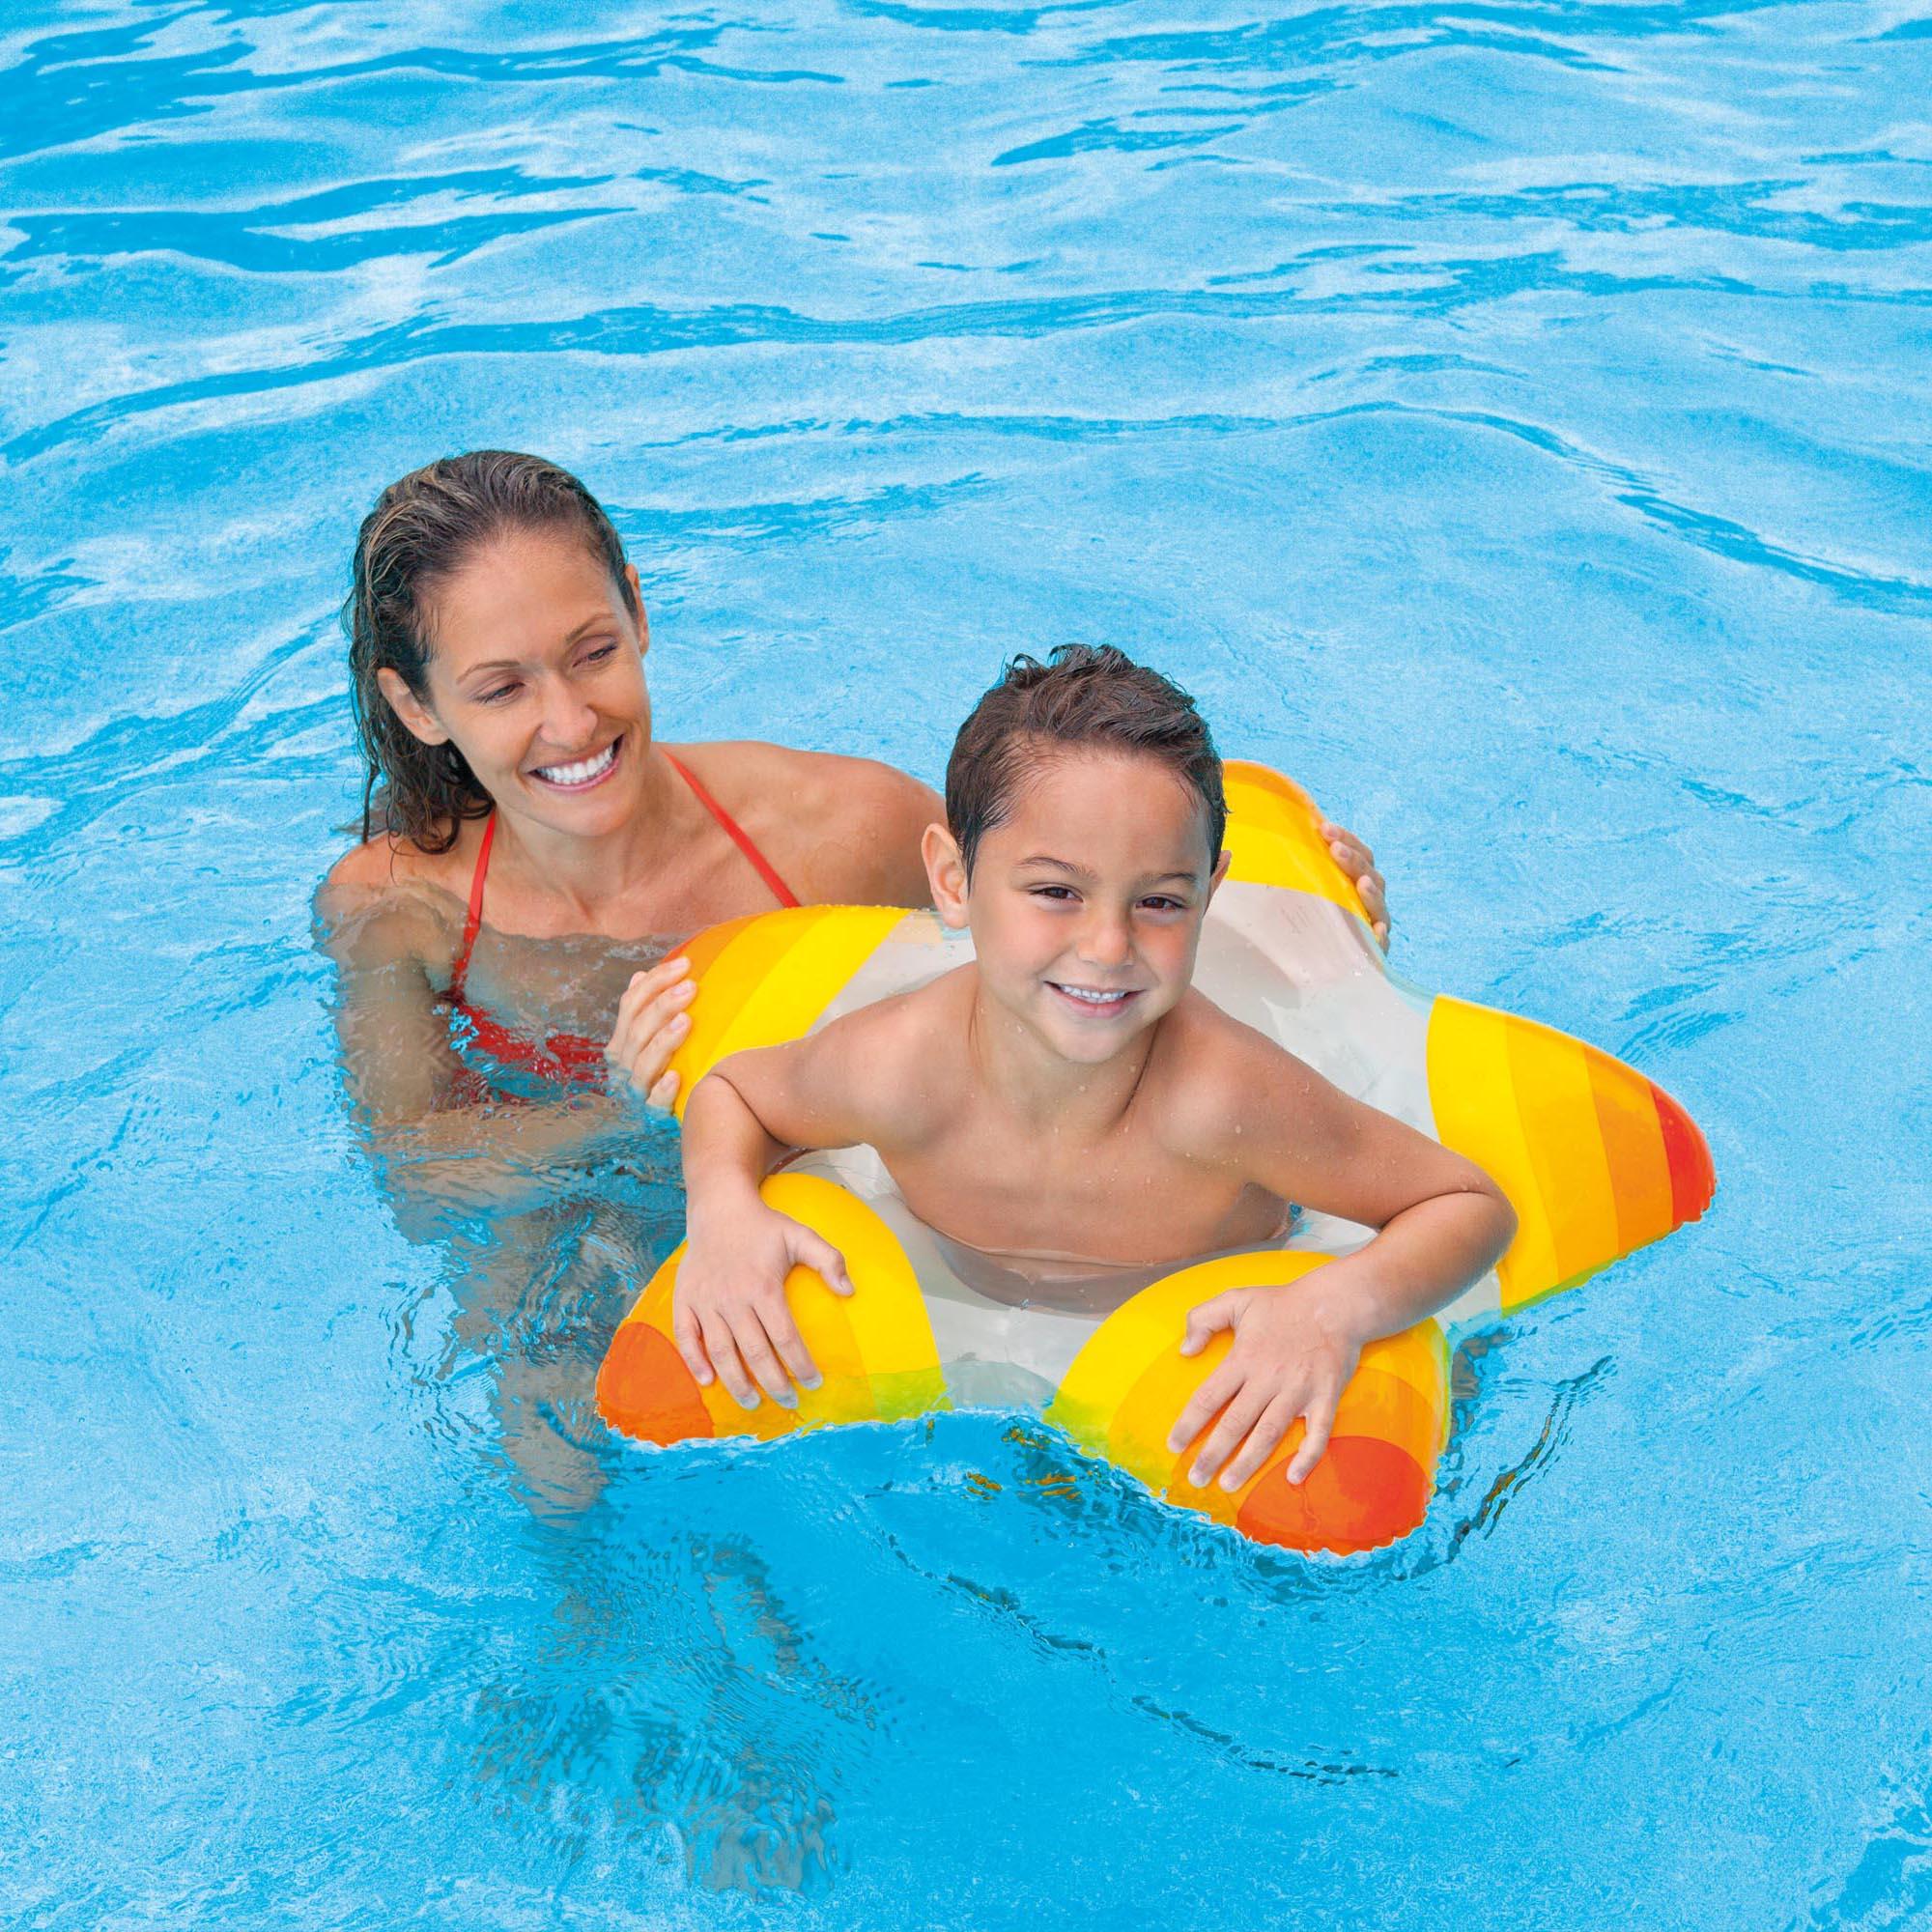 Intex Inflatable Swimming Pool Star Rings Kiddie Tube Raft Float 59243ep